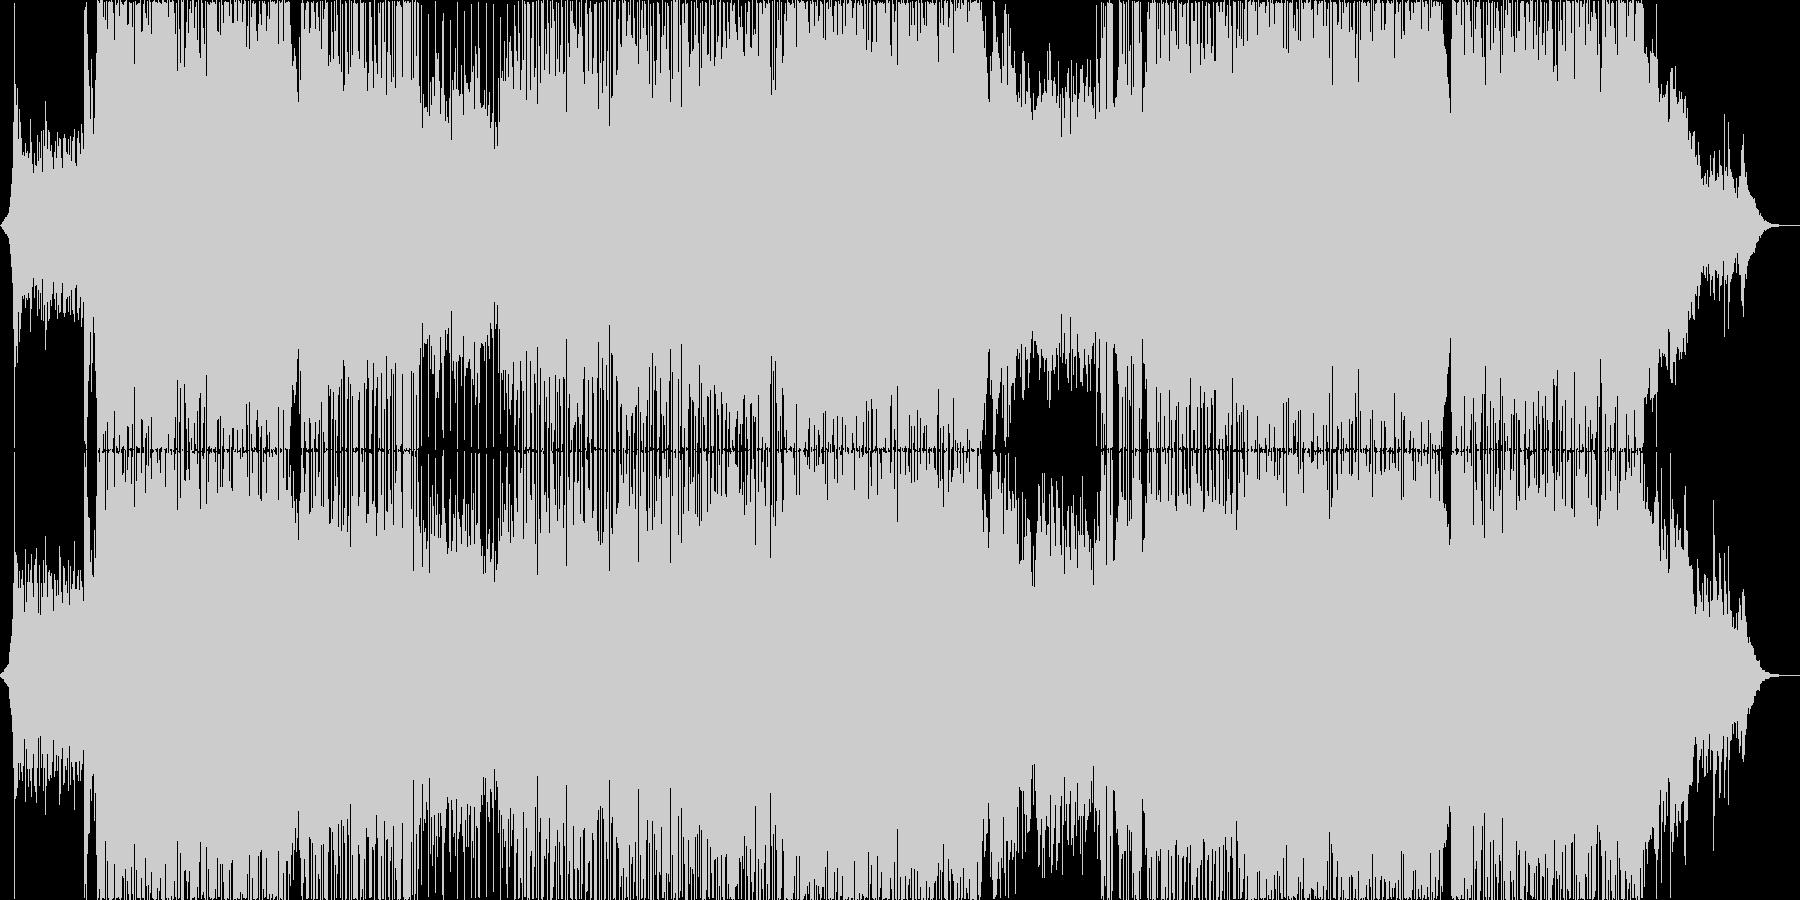 企業VP 爽やかなEGメロとアコギ生演奏の未再生の波形